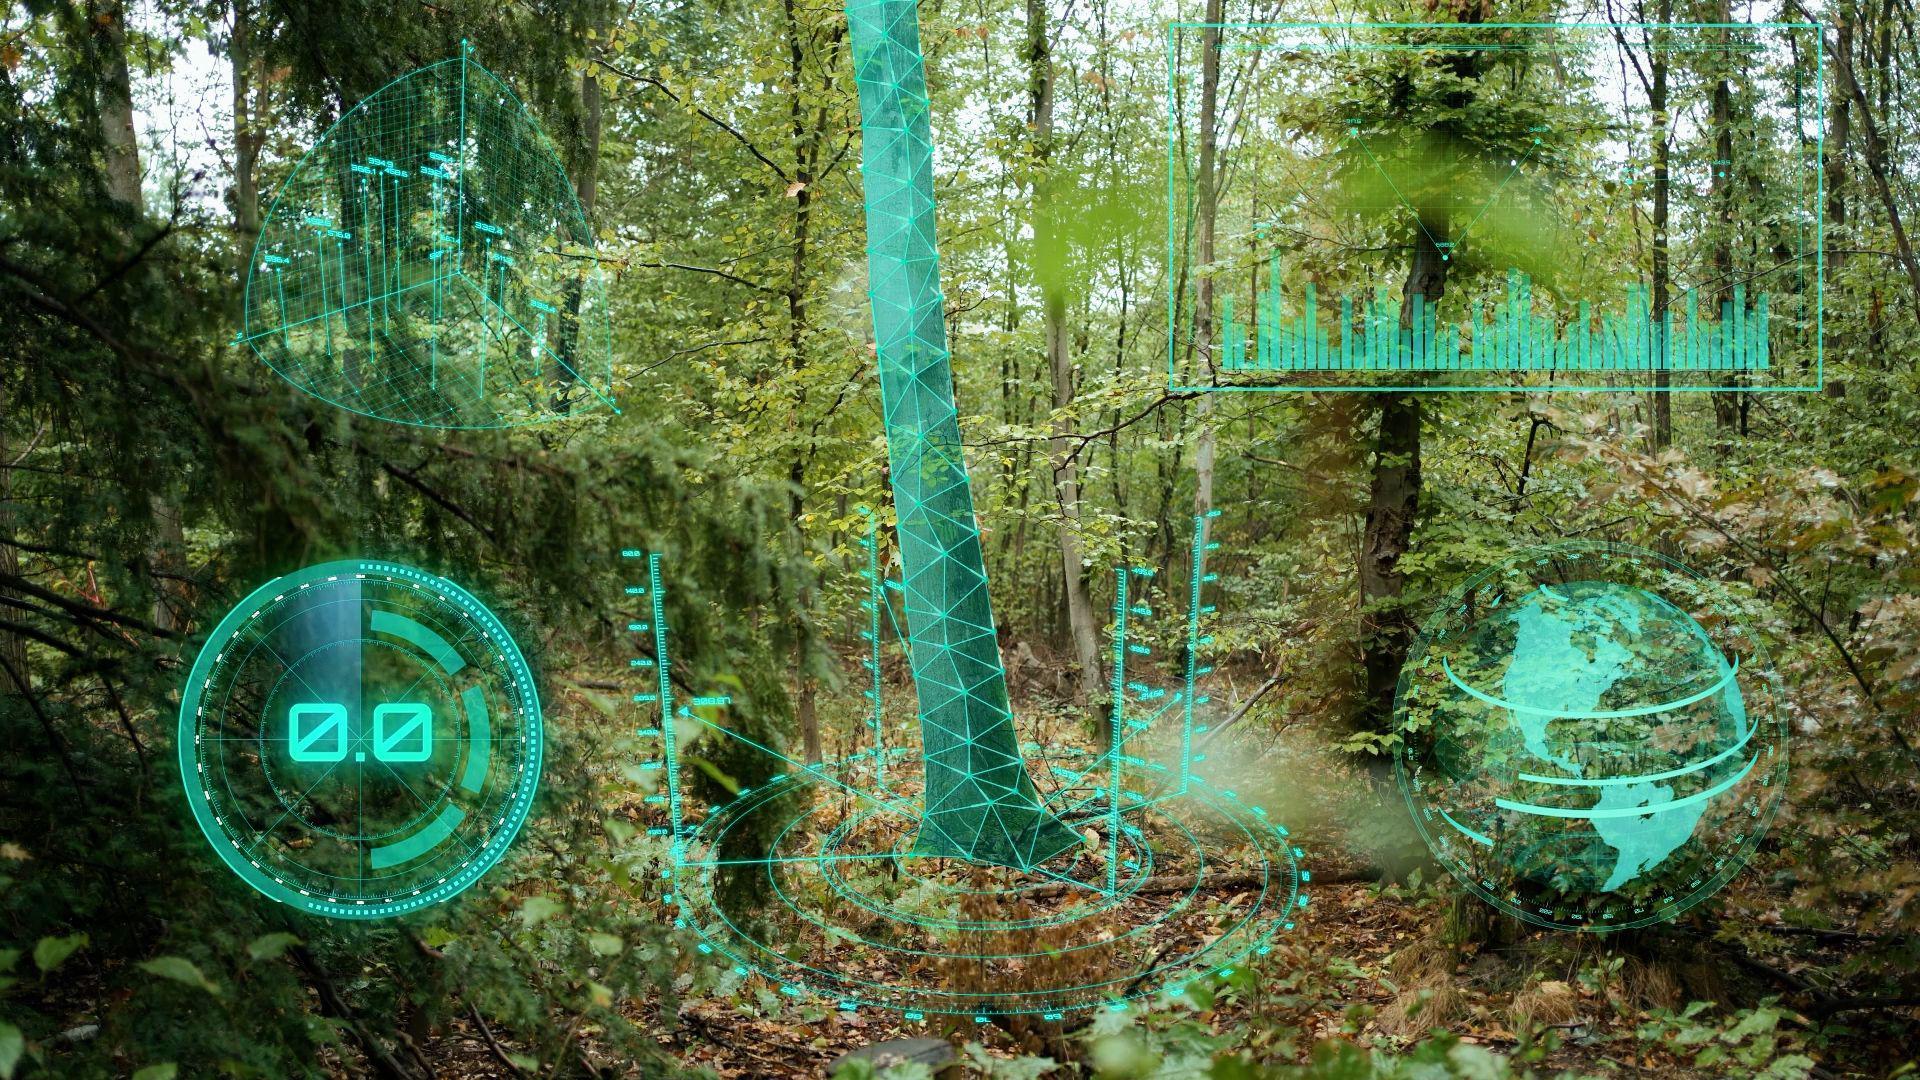 Datenfutter: Um ein Assistenzsystem für die bessere Bewirtschaftung der Wälder zu entwickeln, muss das Programm mit möglichst vielen Daten aus den Baumbeständen bestückt werden.